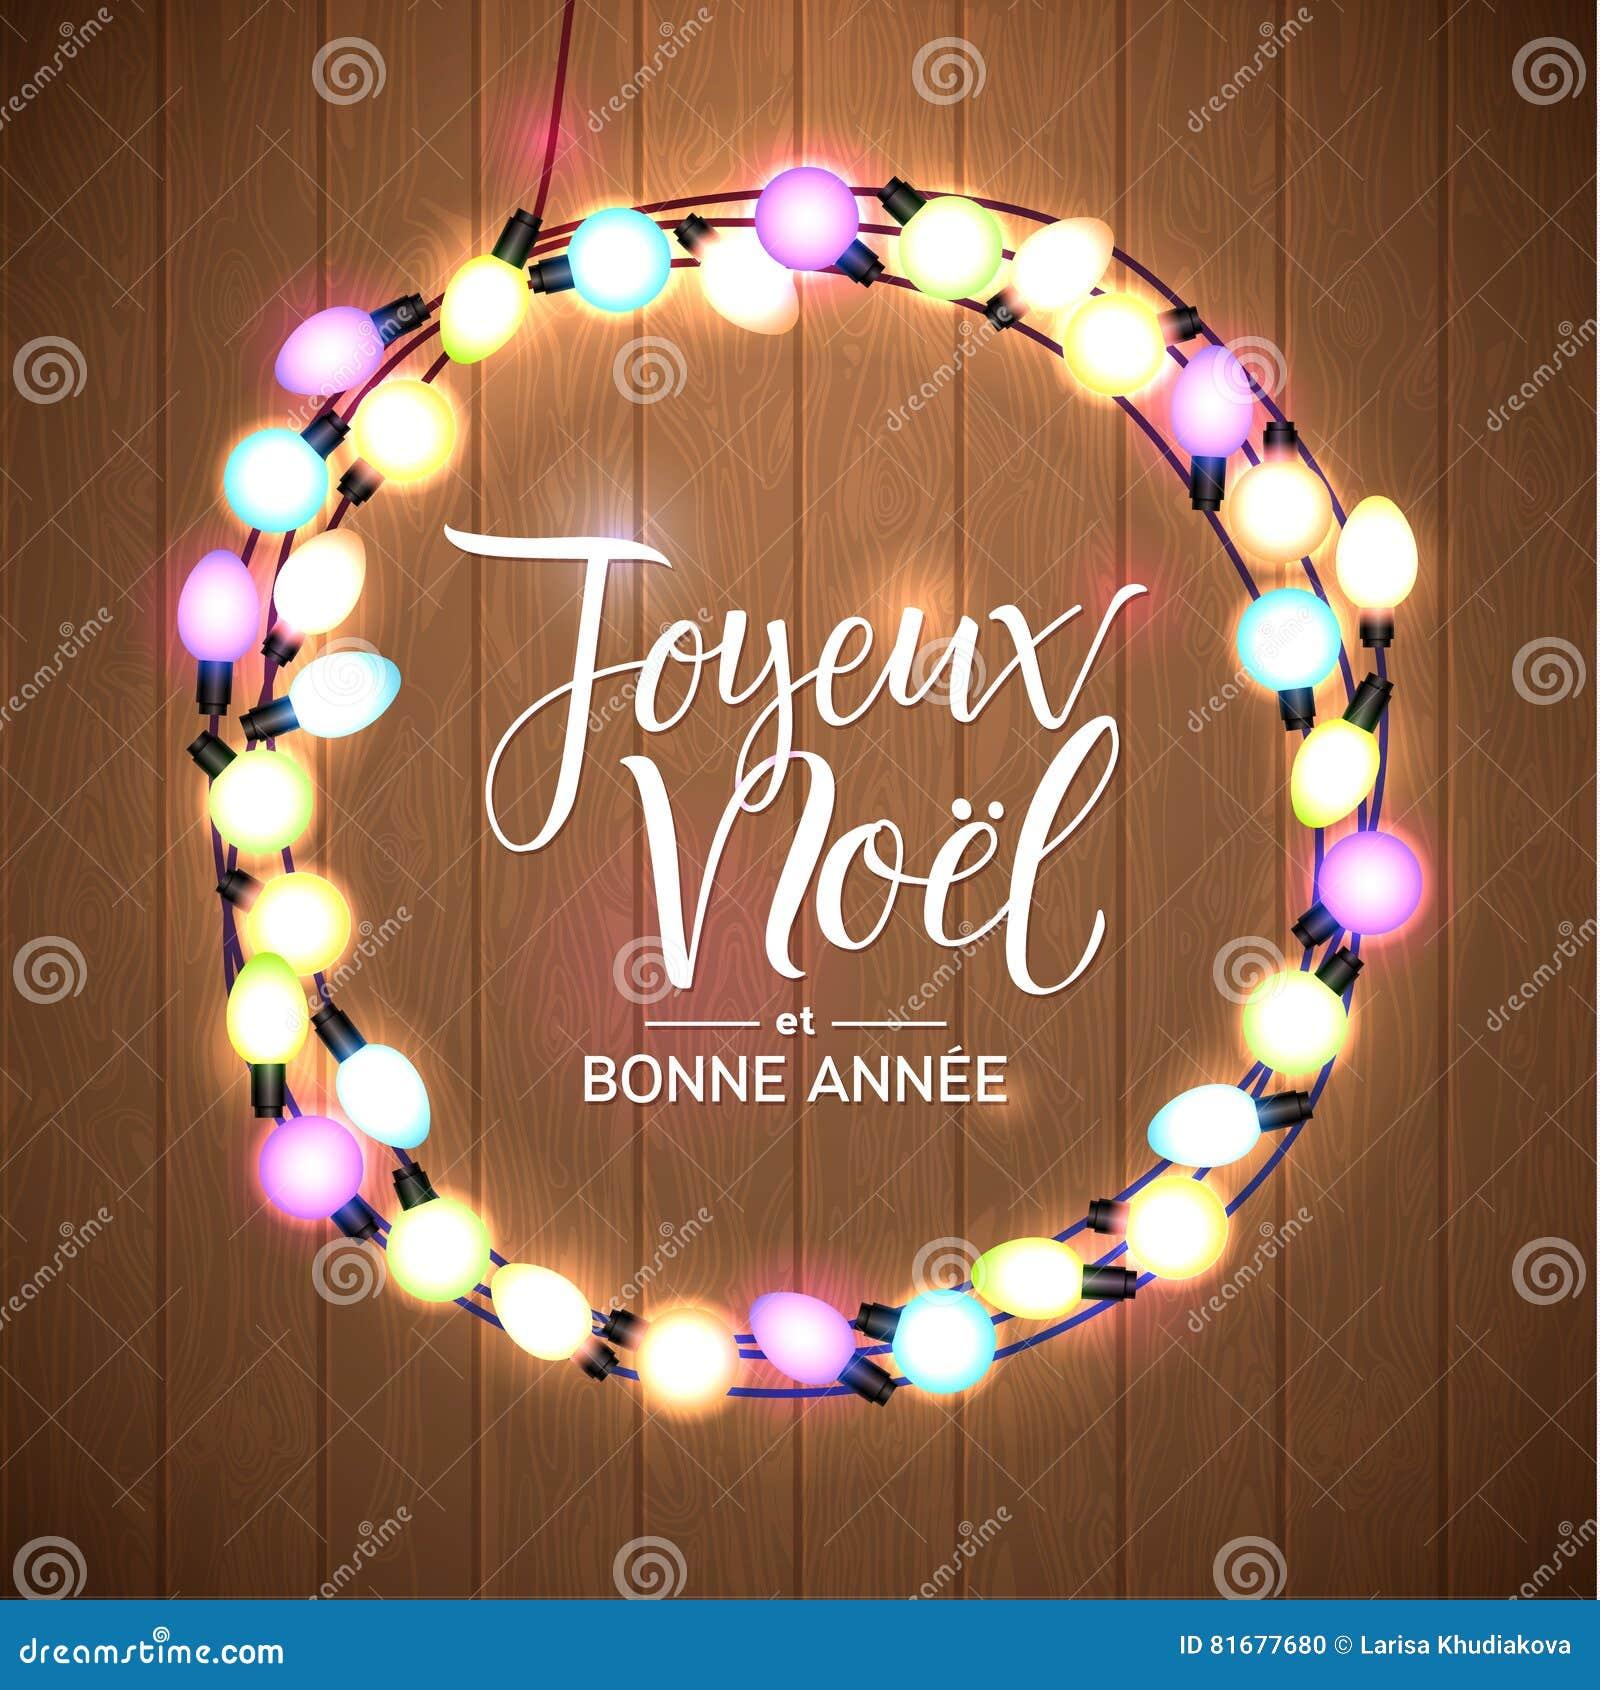 Auguri Di Buon Natale Francese.Buon Natale E Buon Anno Lingua Francese Corona D Ardore